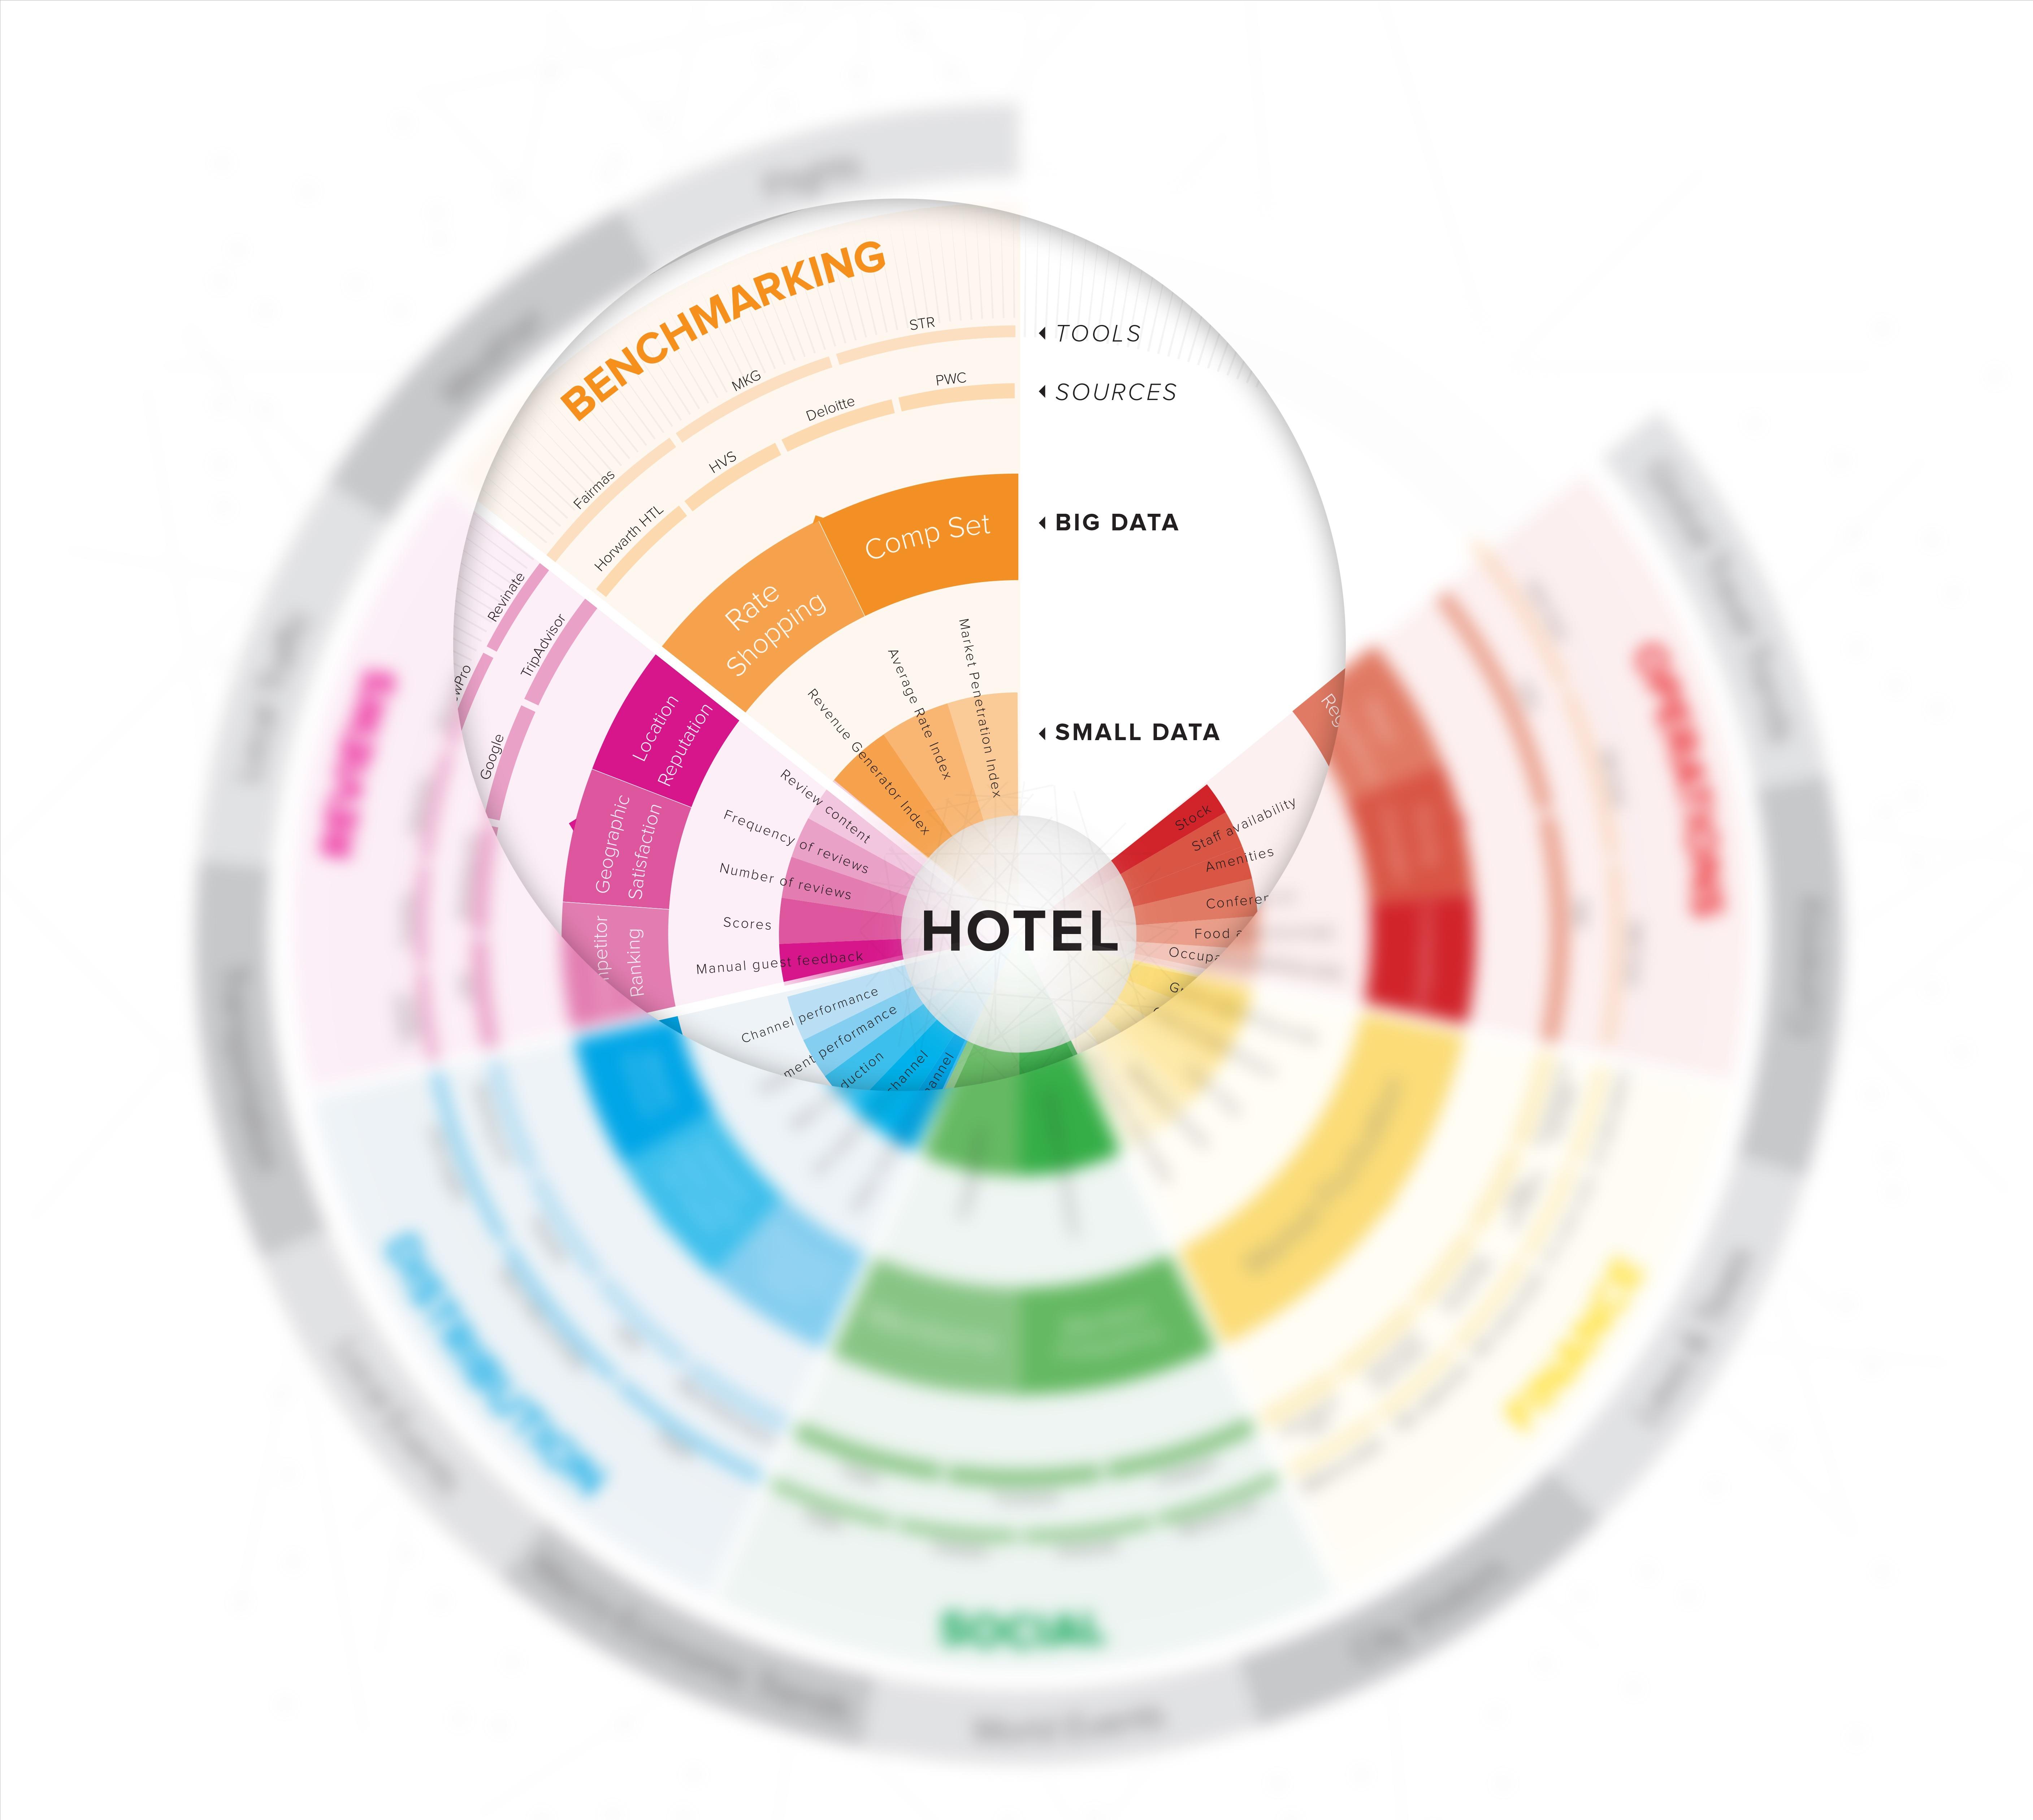 Hotel_Data_types_in_2016_teaser.jpg